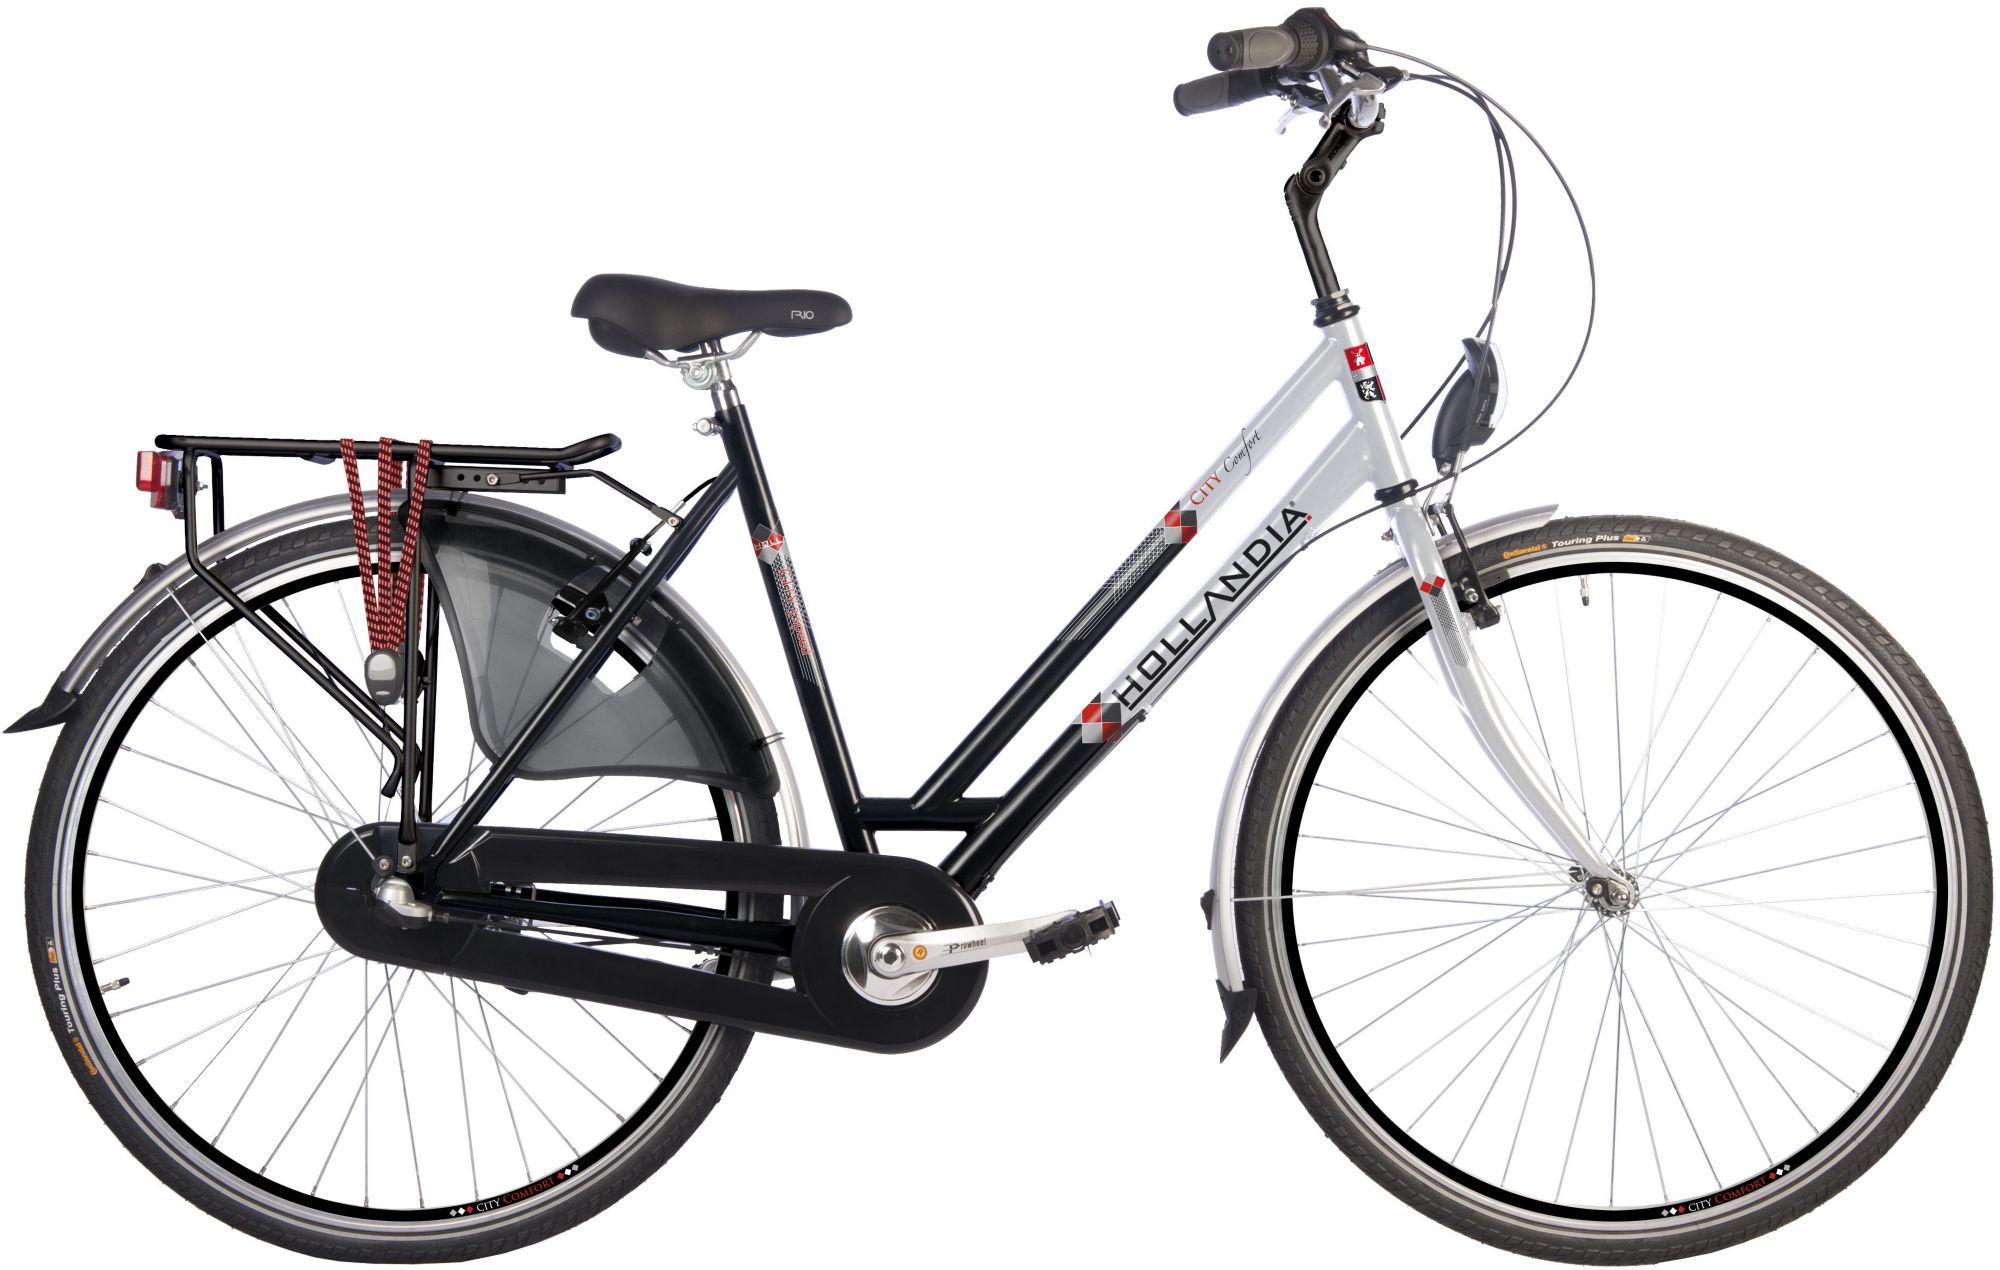 HOLLANDIA Hollandia Damen Citybike, 28 Zoll, 3 Gang Shimano Nabenschaltung, Rücktritt, »City Comfort«